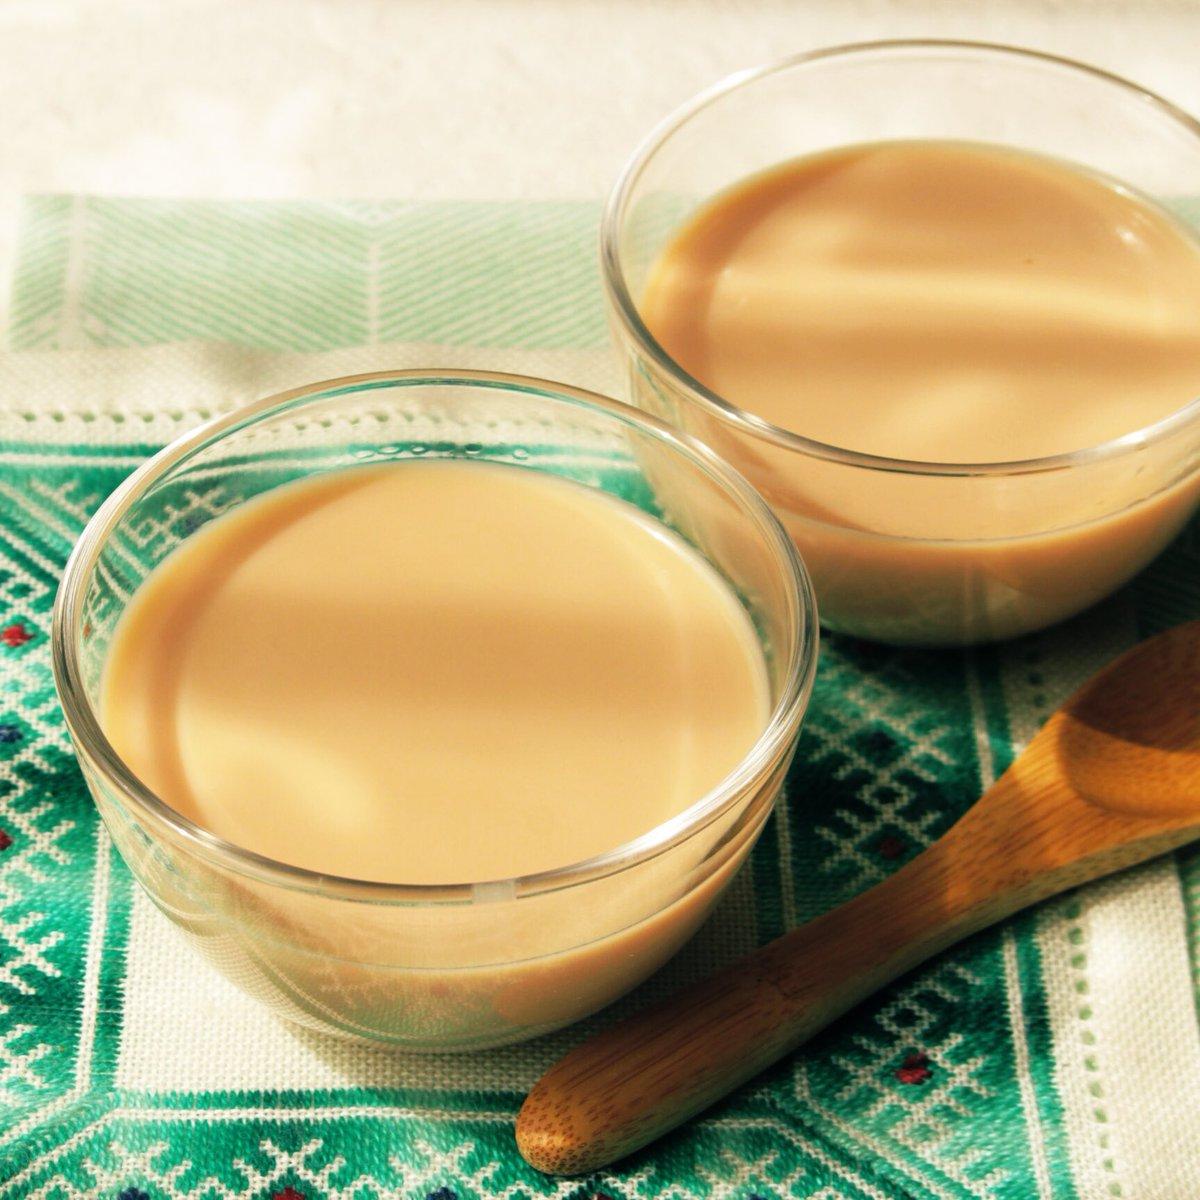 牛乳 レシピ デザート